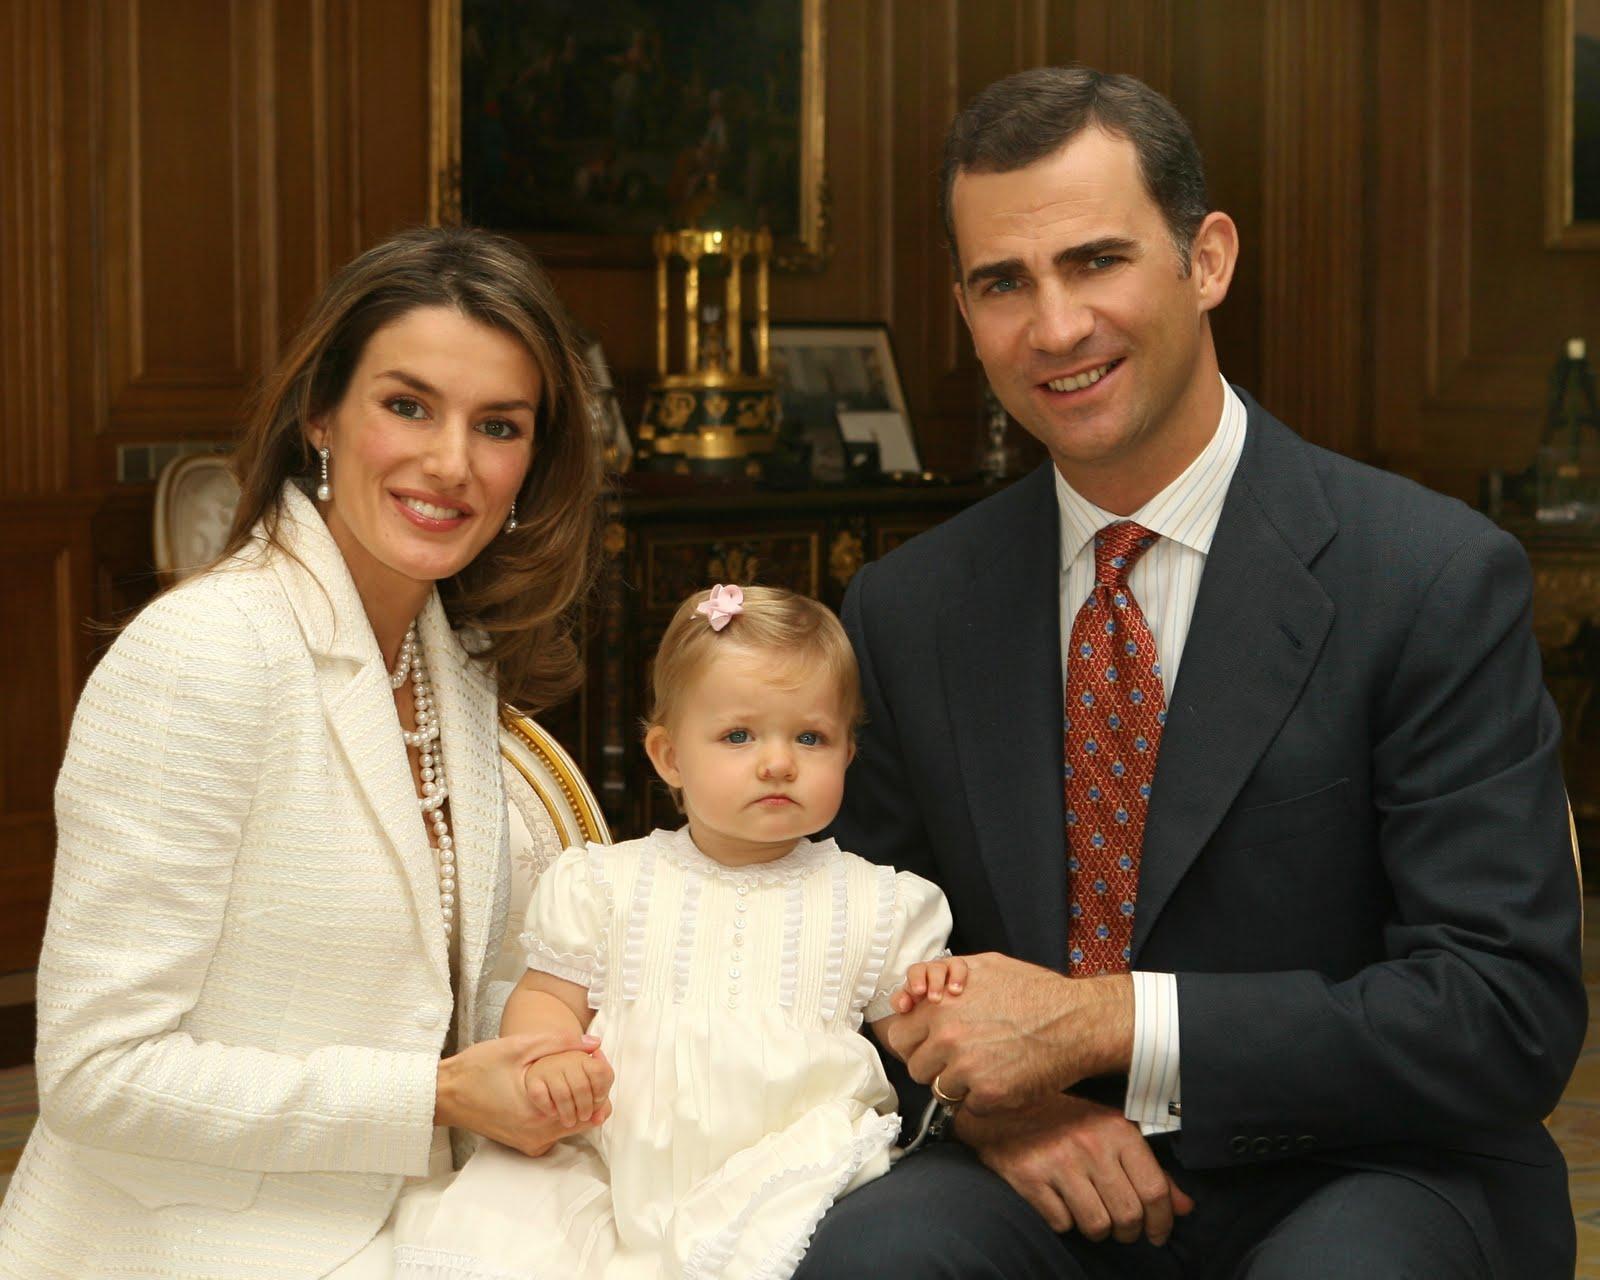 http://3.bp.blogspot.com/-TEpbIThBee0/TbmocoJh-QI/AAAAAAAAAkc/rp-C8ZwunII/s1600/royal+famiglia.jpg